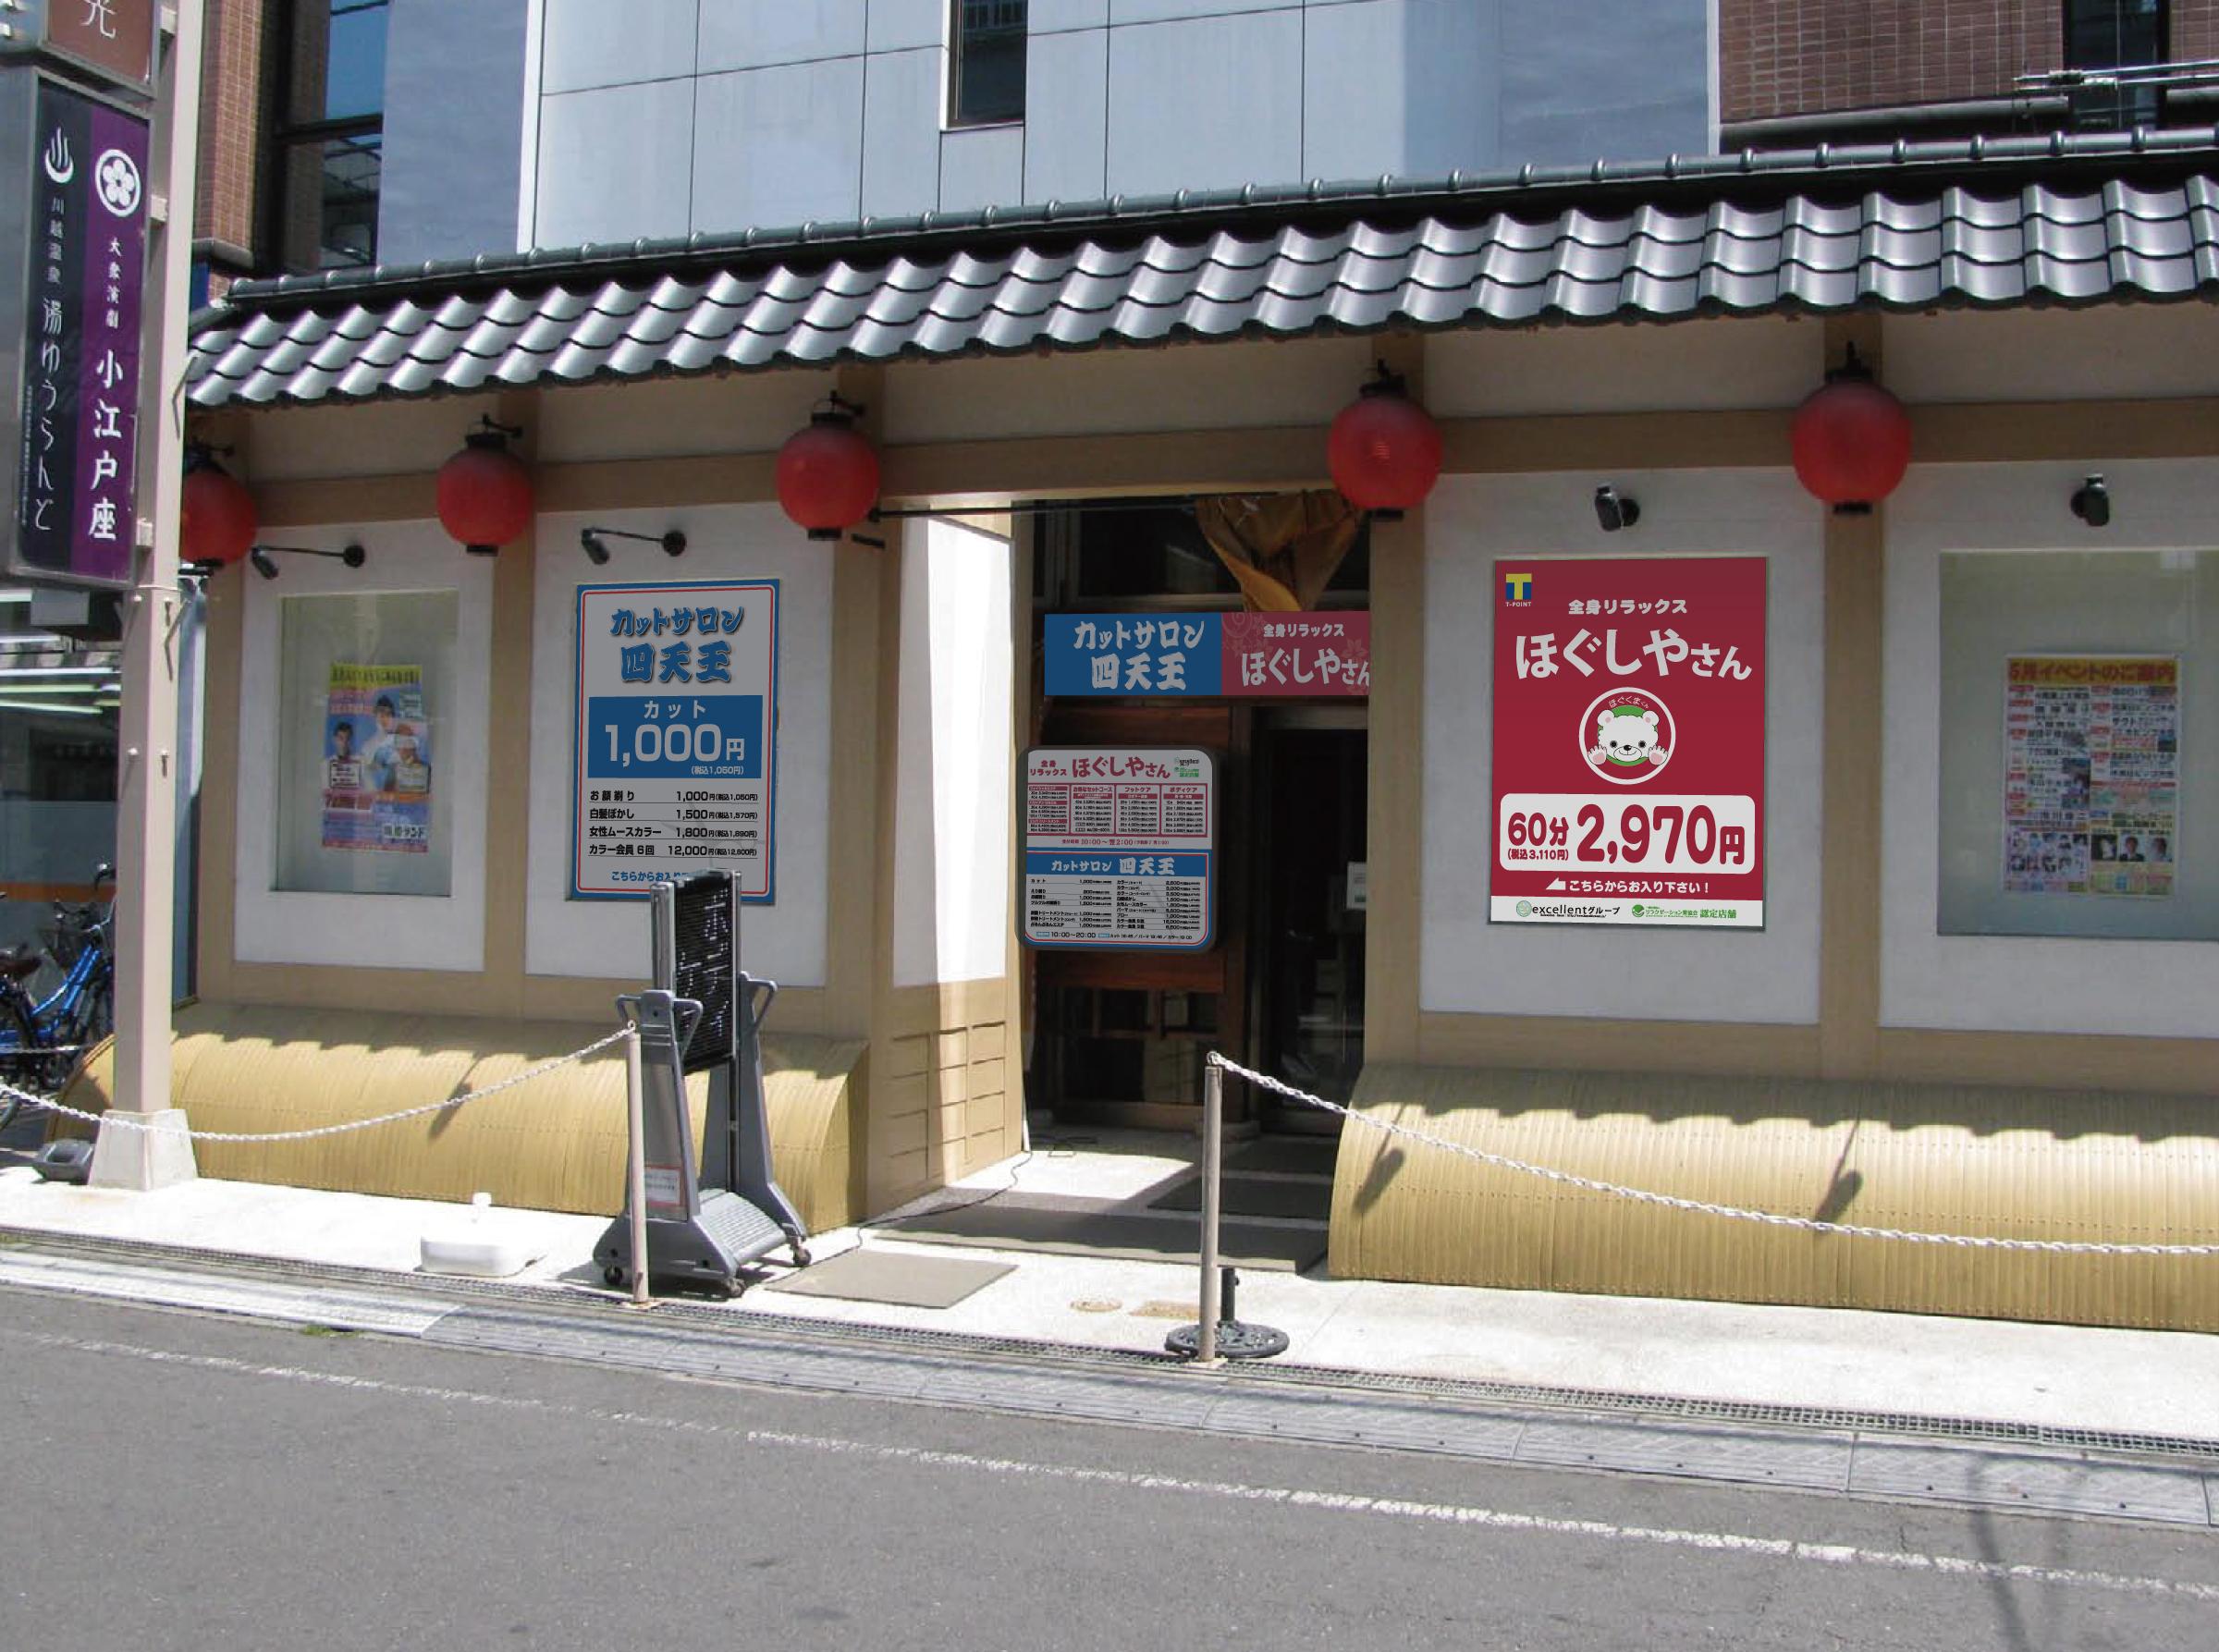 ほぐしやさん 川越湯遊ランド店メイン画像